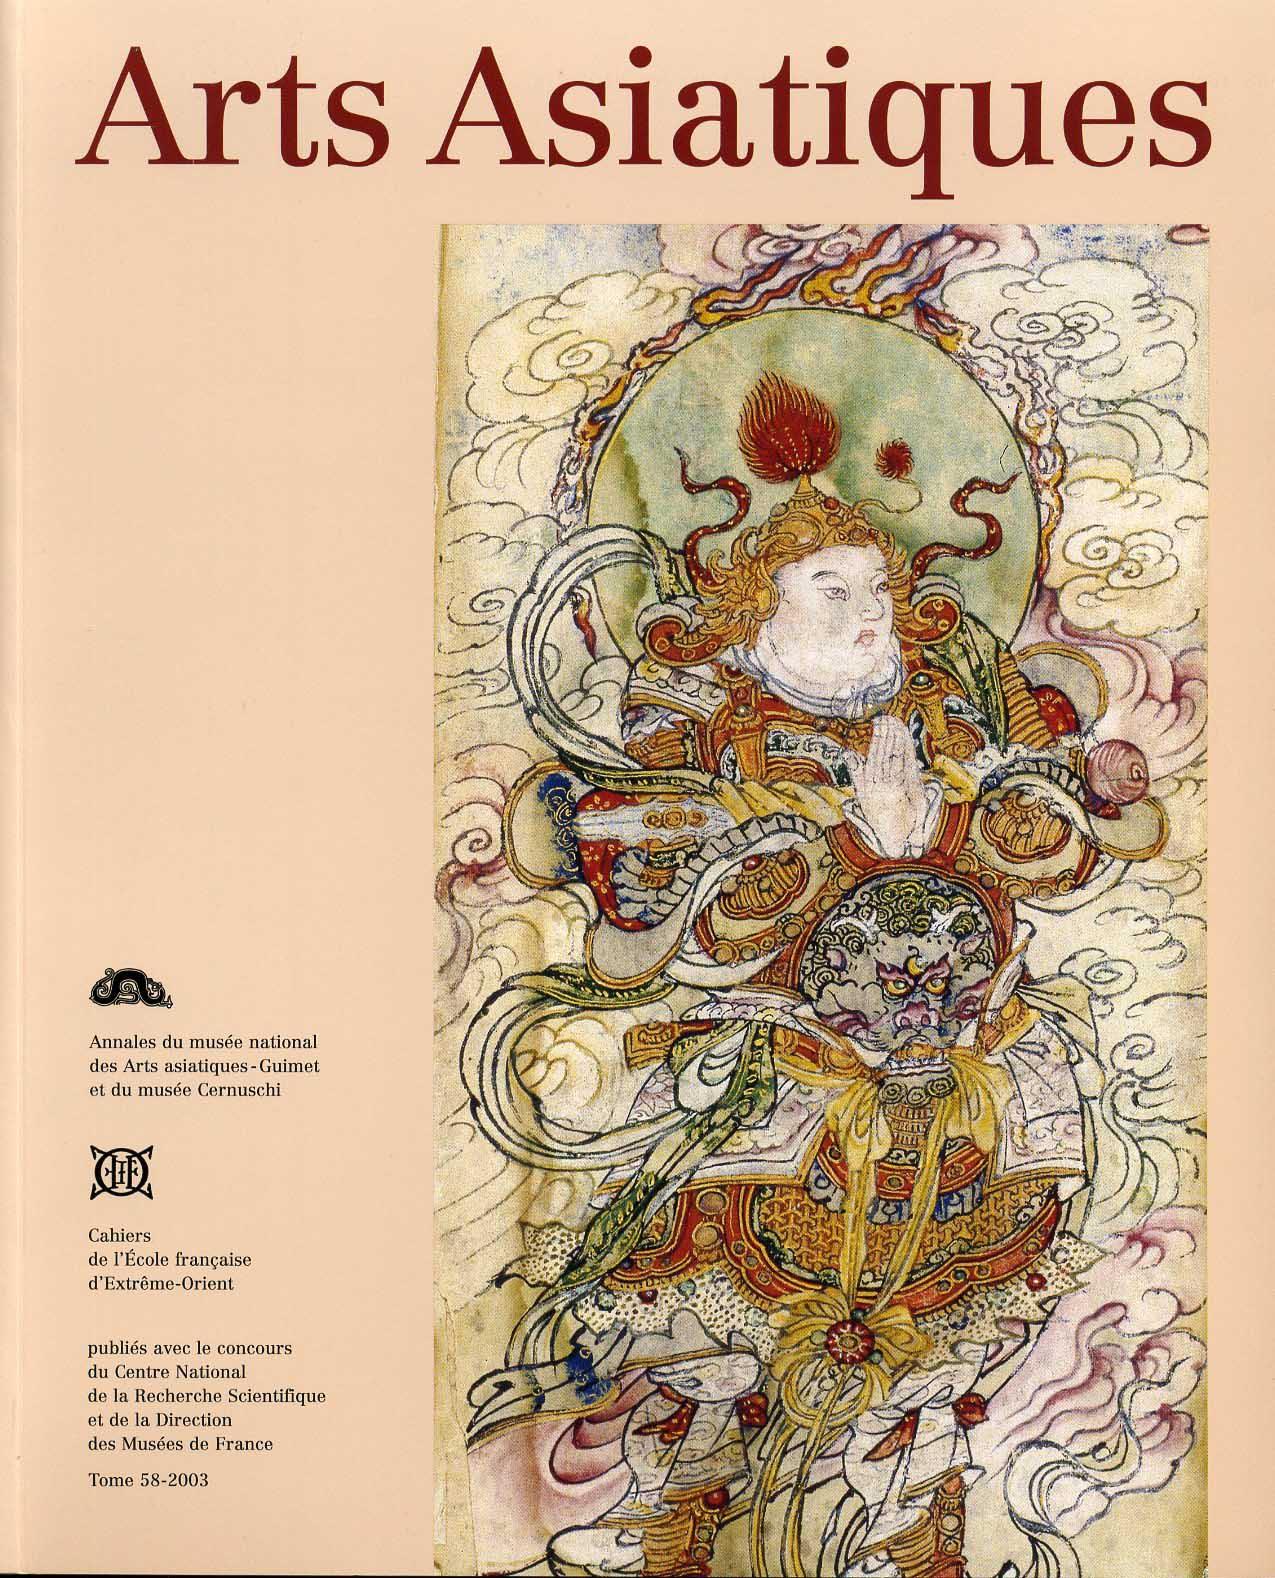 Arts asiatiques 58 (2003)